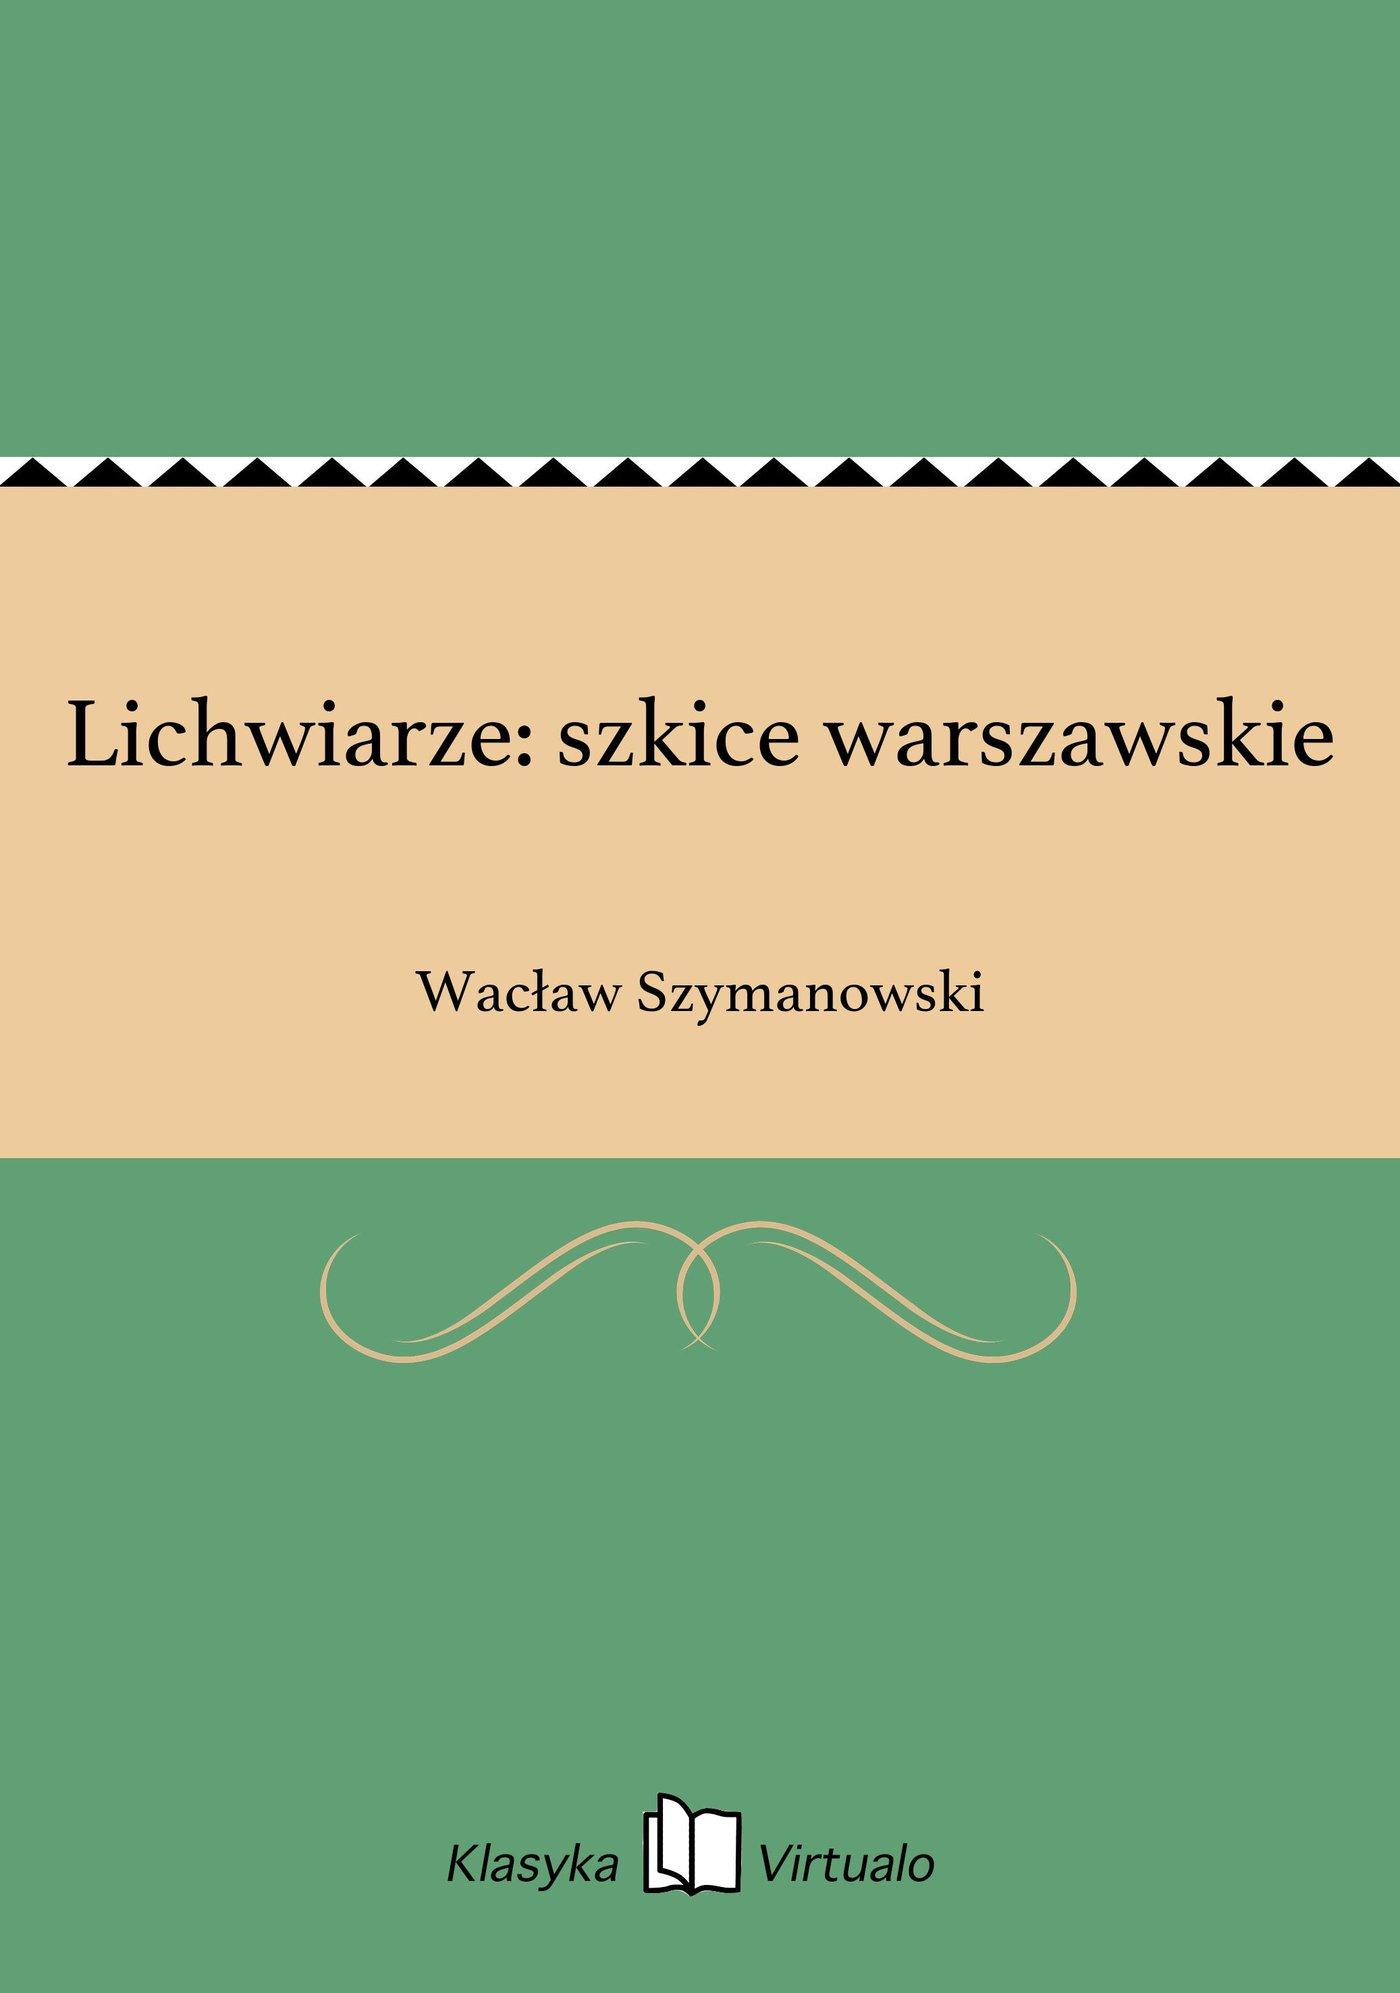 Lichwiarze: szkice warszawskie - Ebook (Książka na Kindle) do pobrania w formacie MOBI